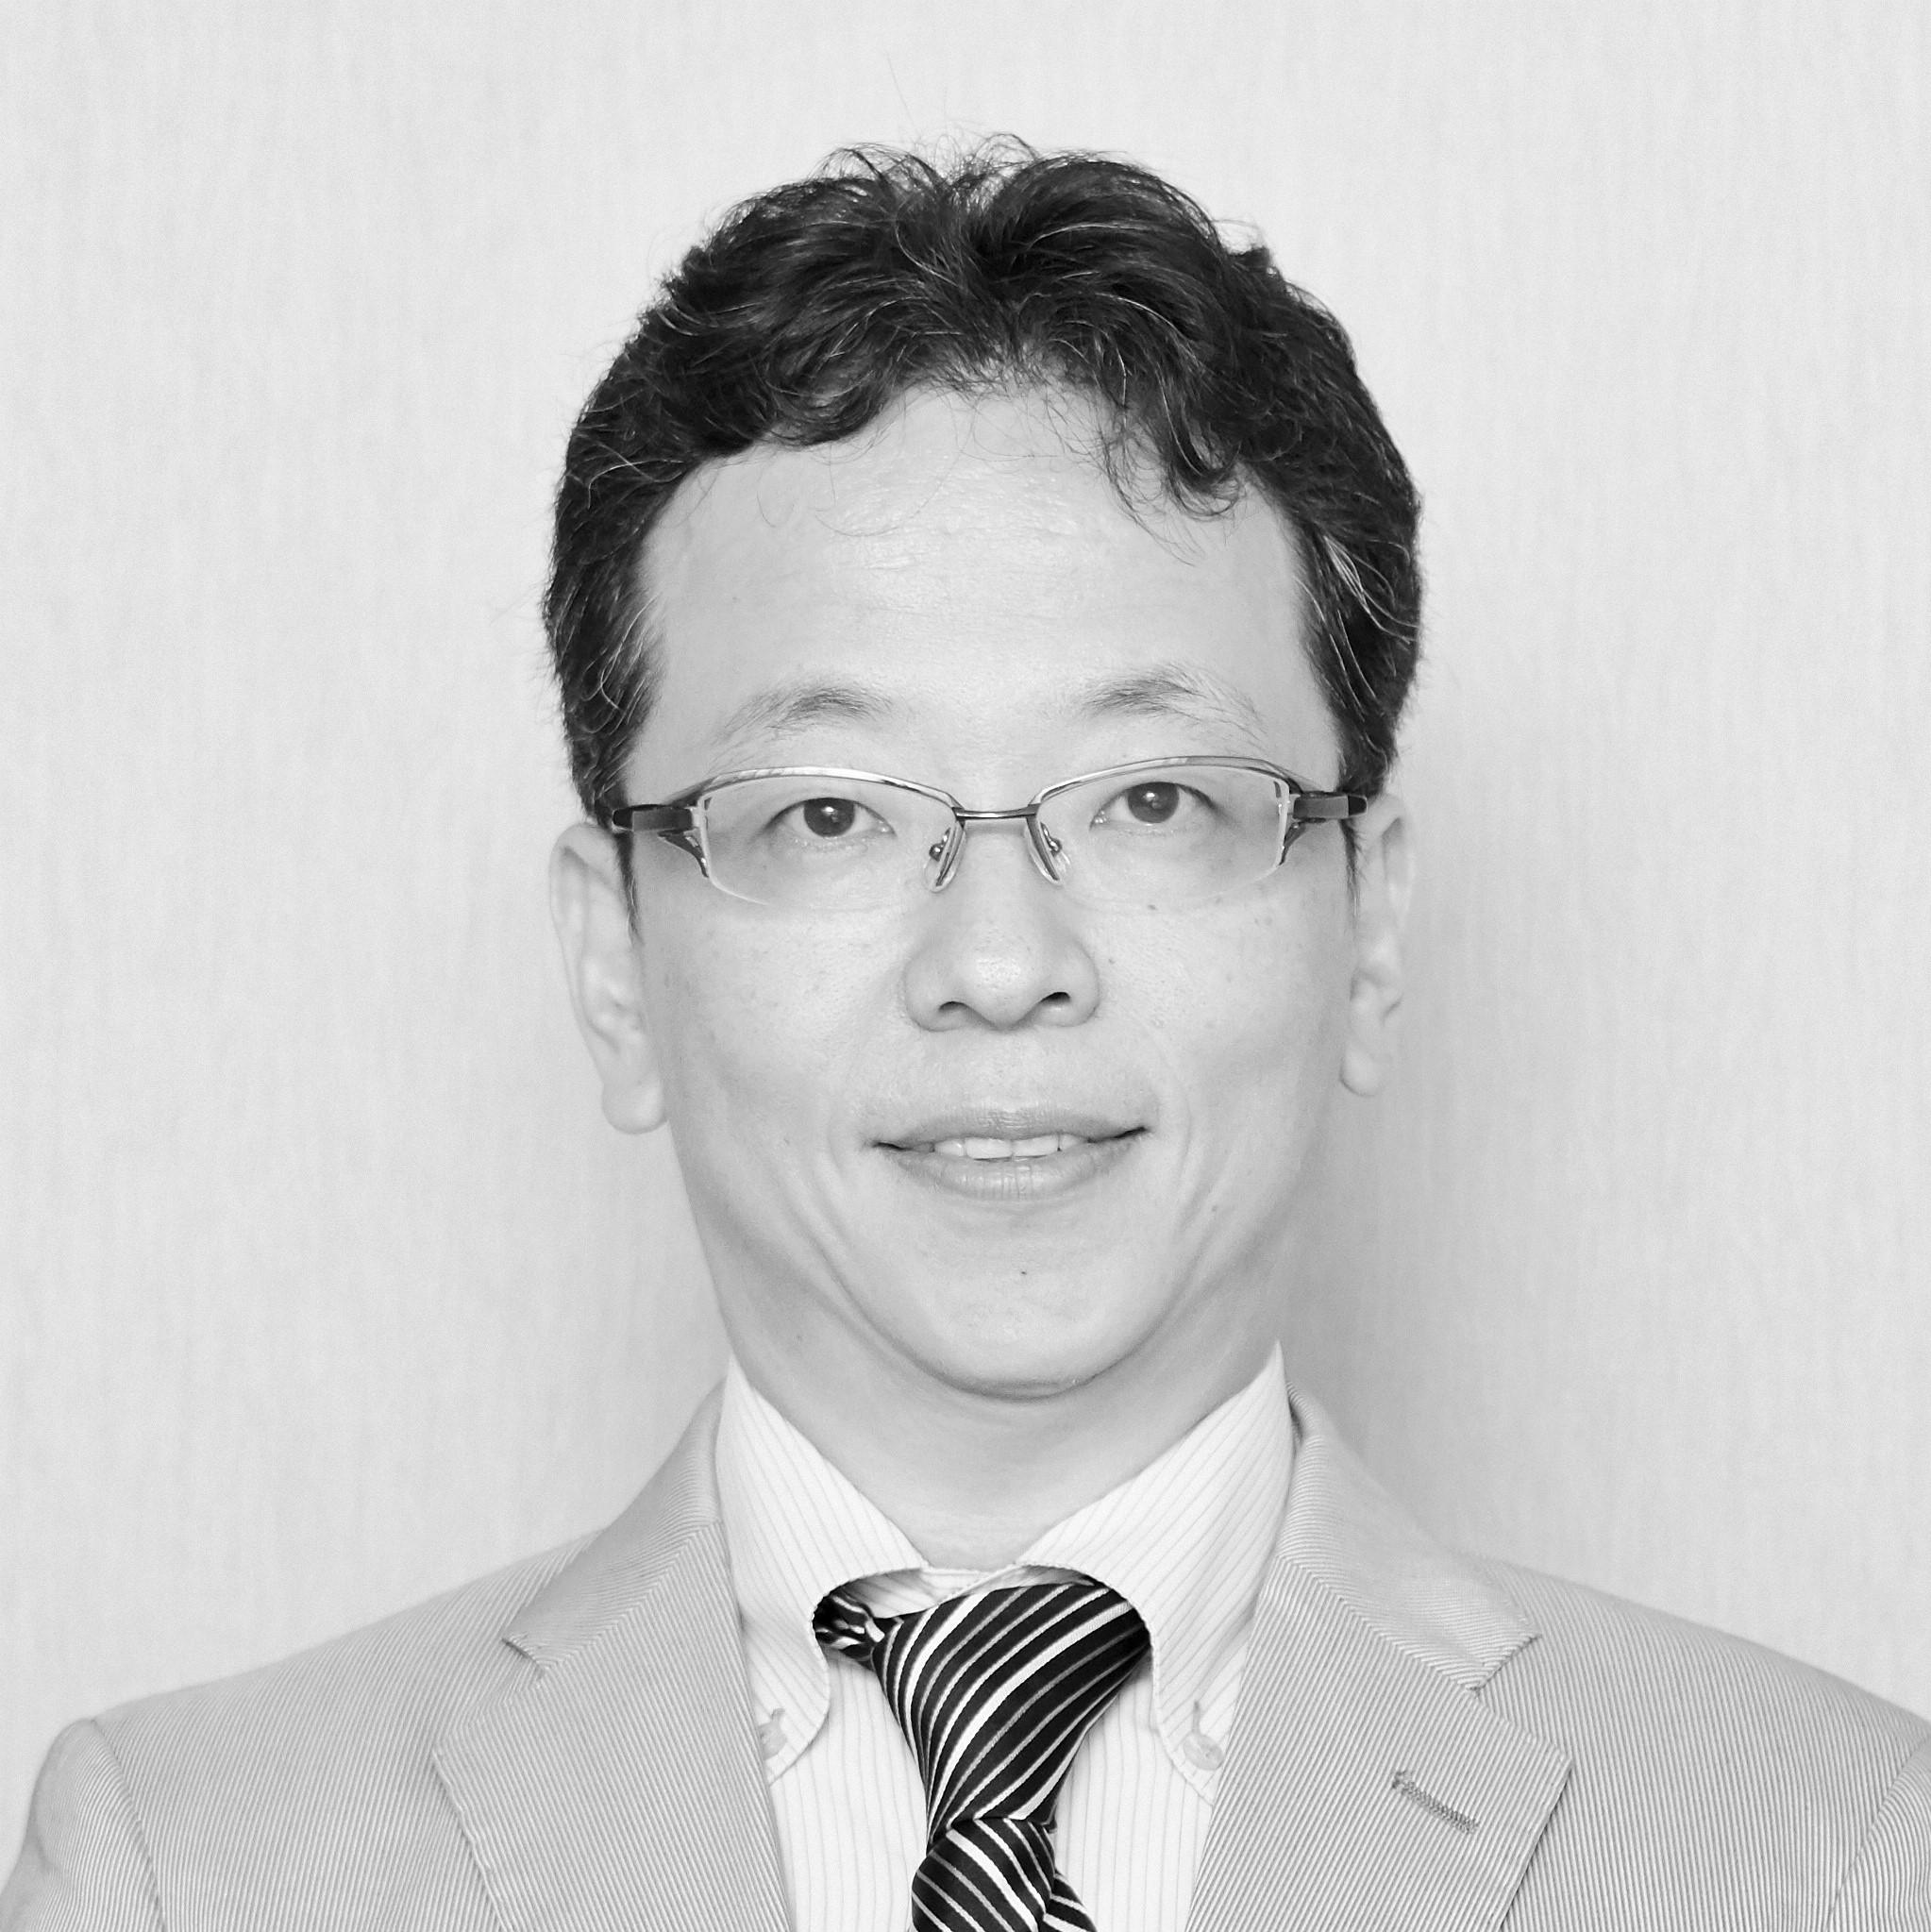 Tomoo Nakamura